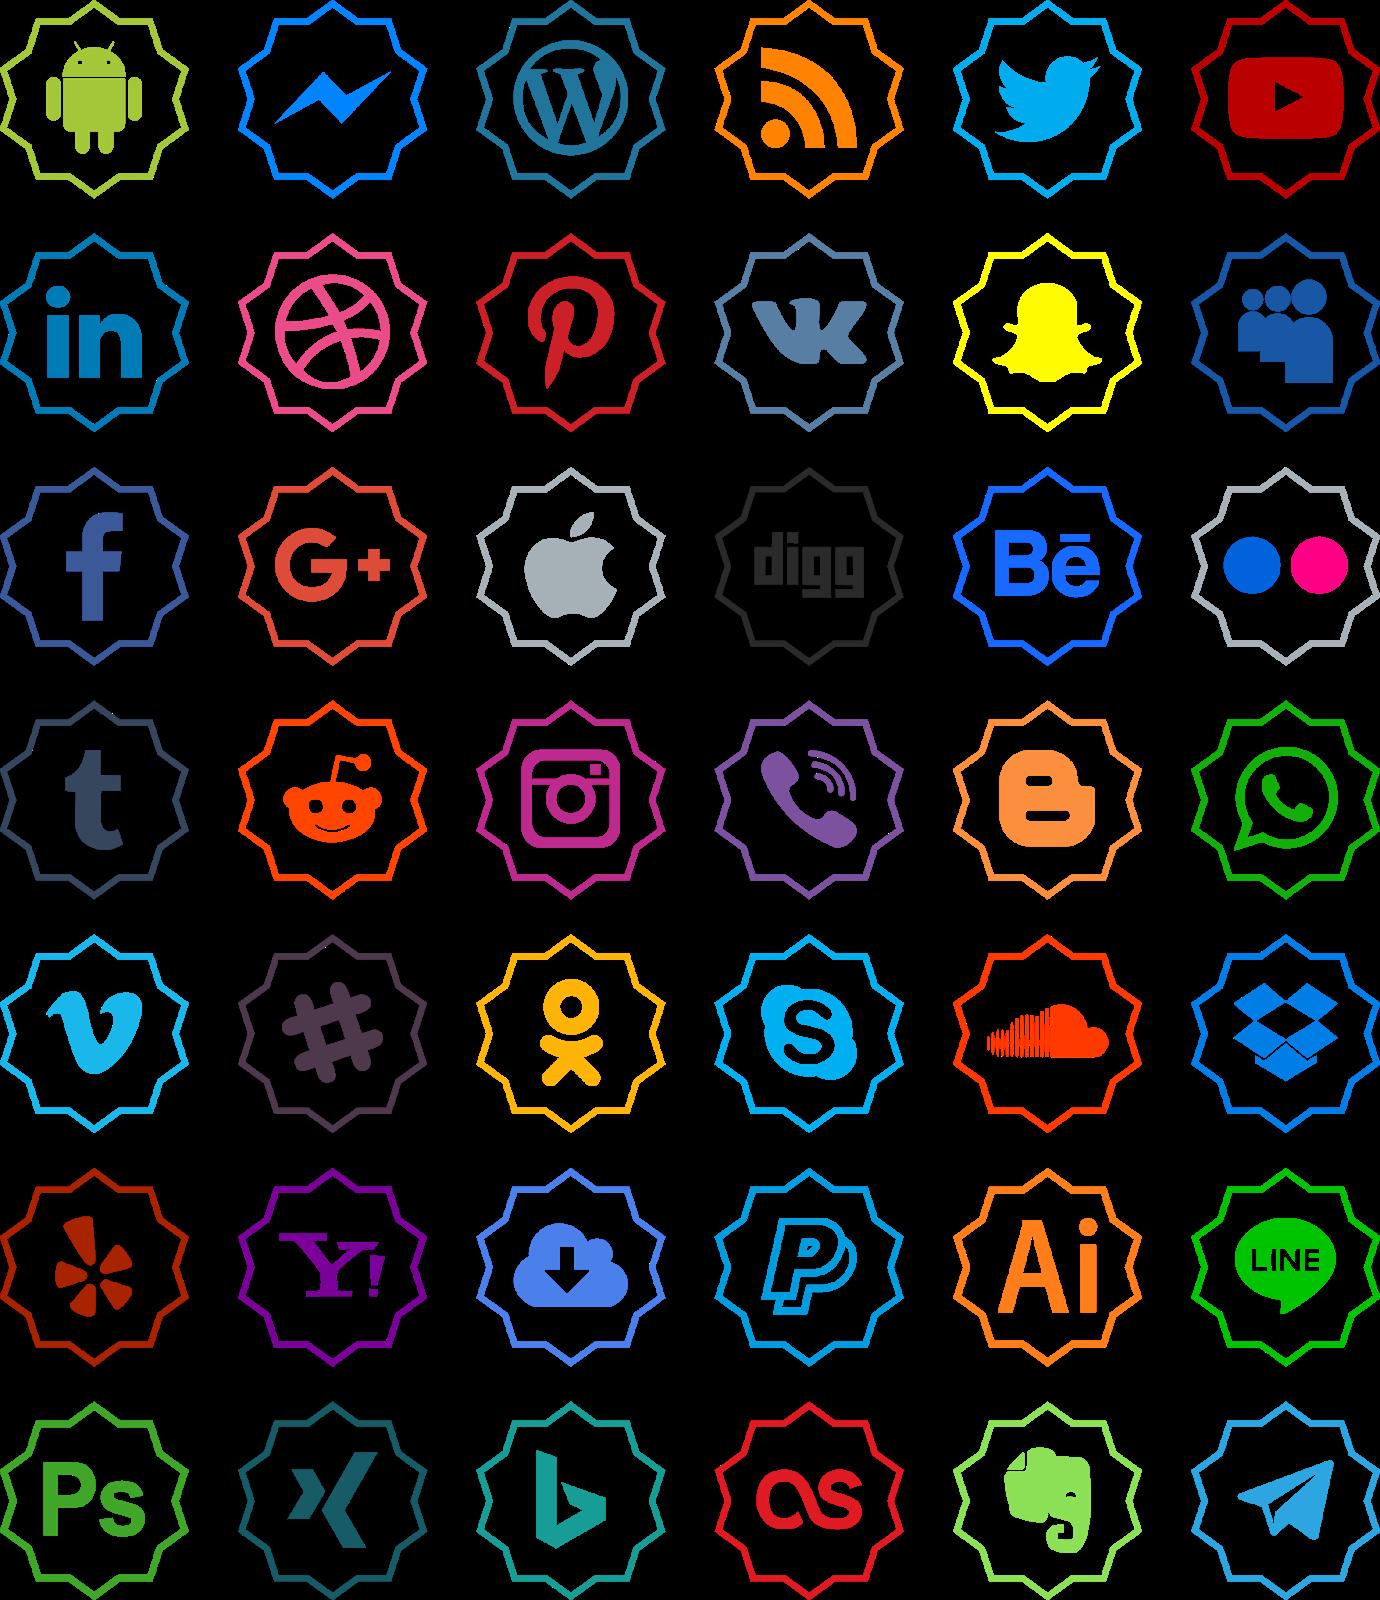 تحميل أيقونات مواقع التواصل الاجتماعي مجانا Psd Png Vector Icons Photo Illustration Logo Icons